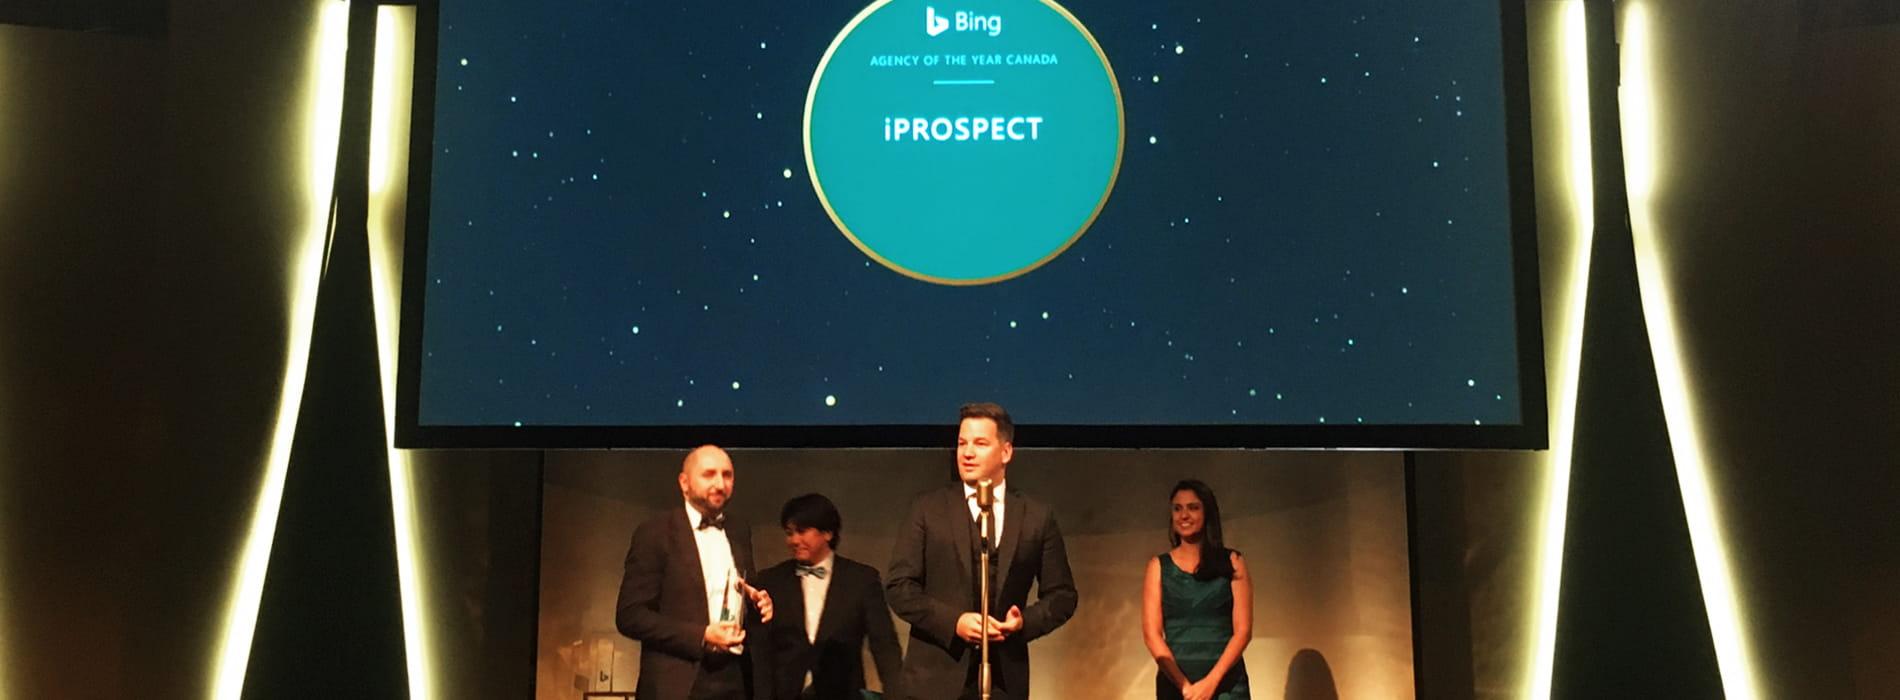 iProspect wins big at Bing Agency Awards